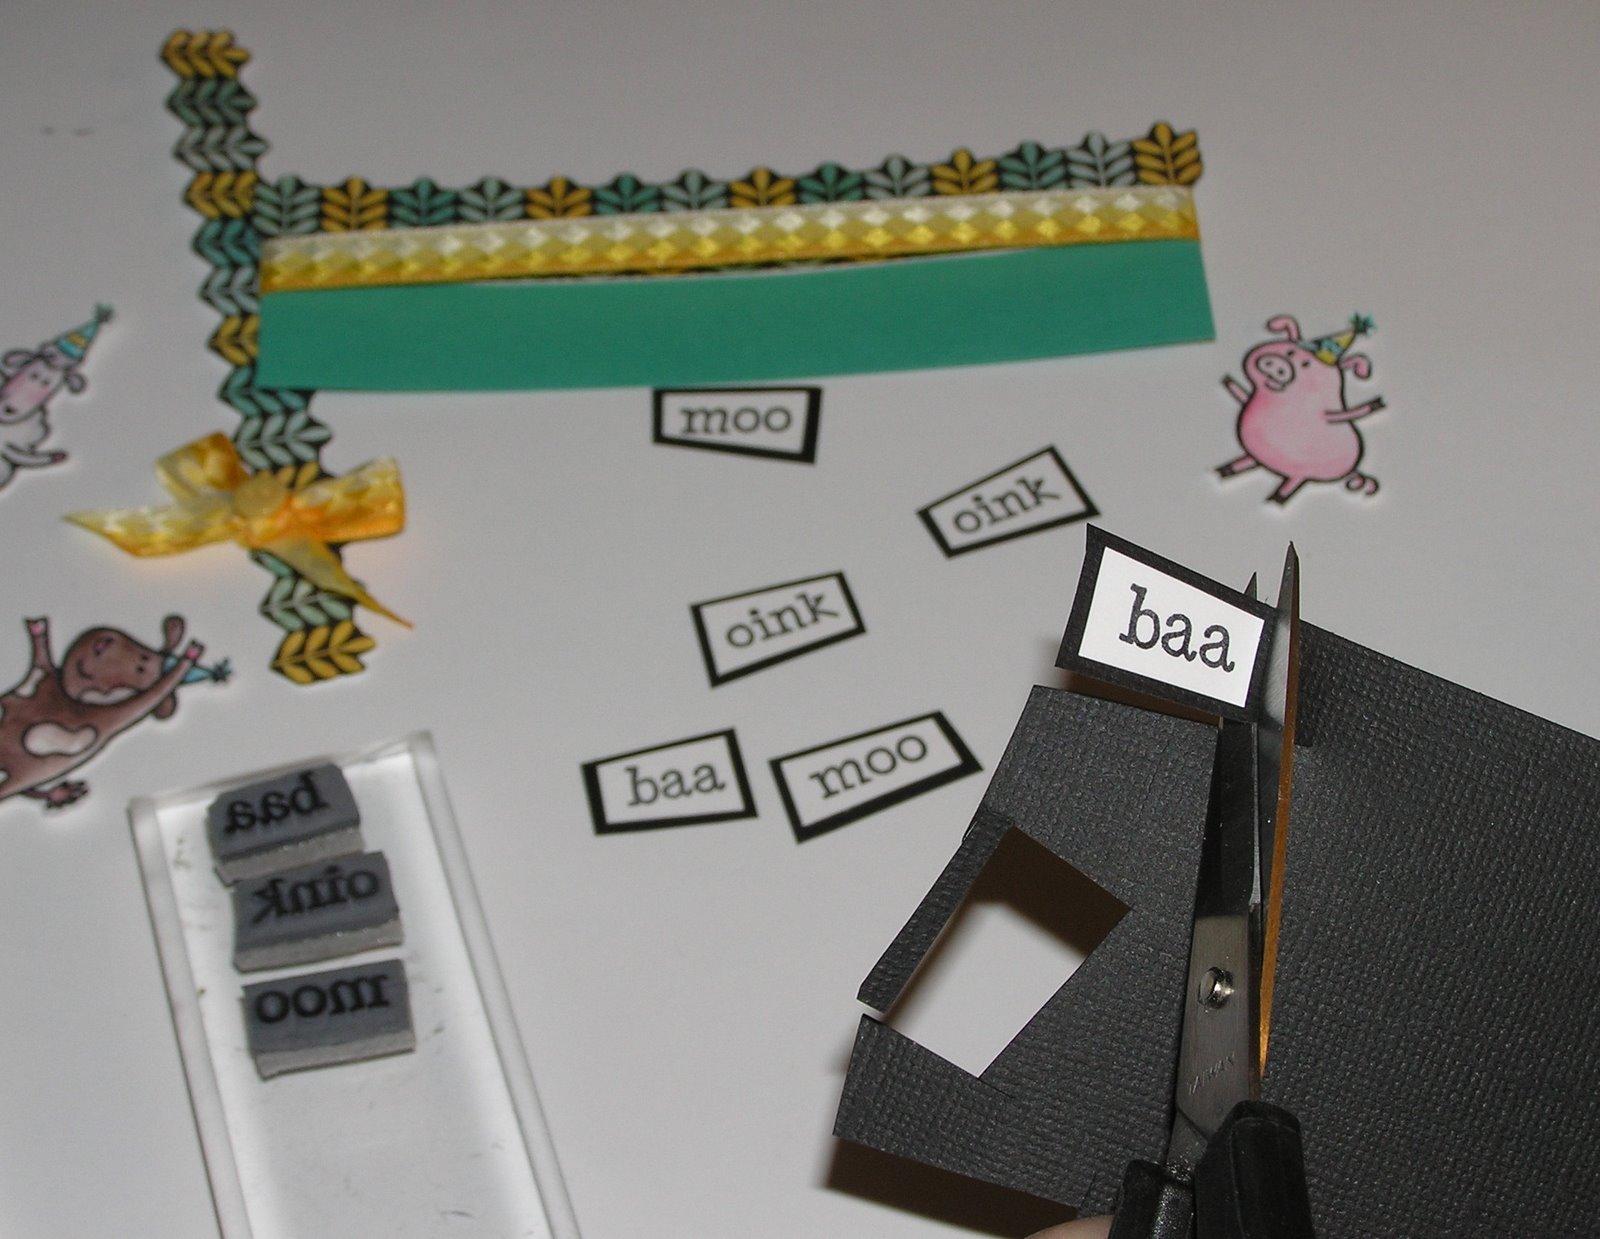 [5+Cut+black+mats+on+baa+baa+oink+oink+moo+moo.JPG]